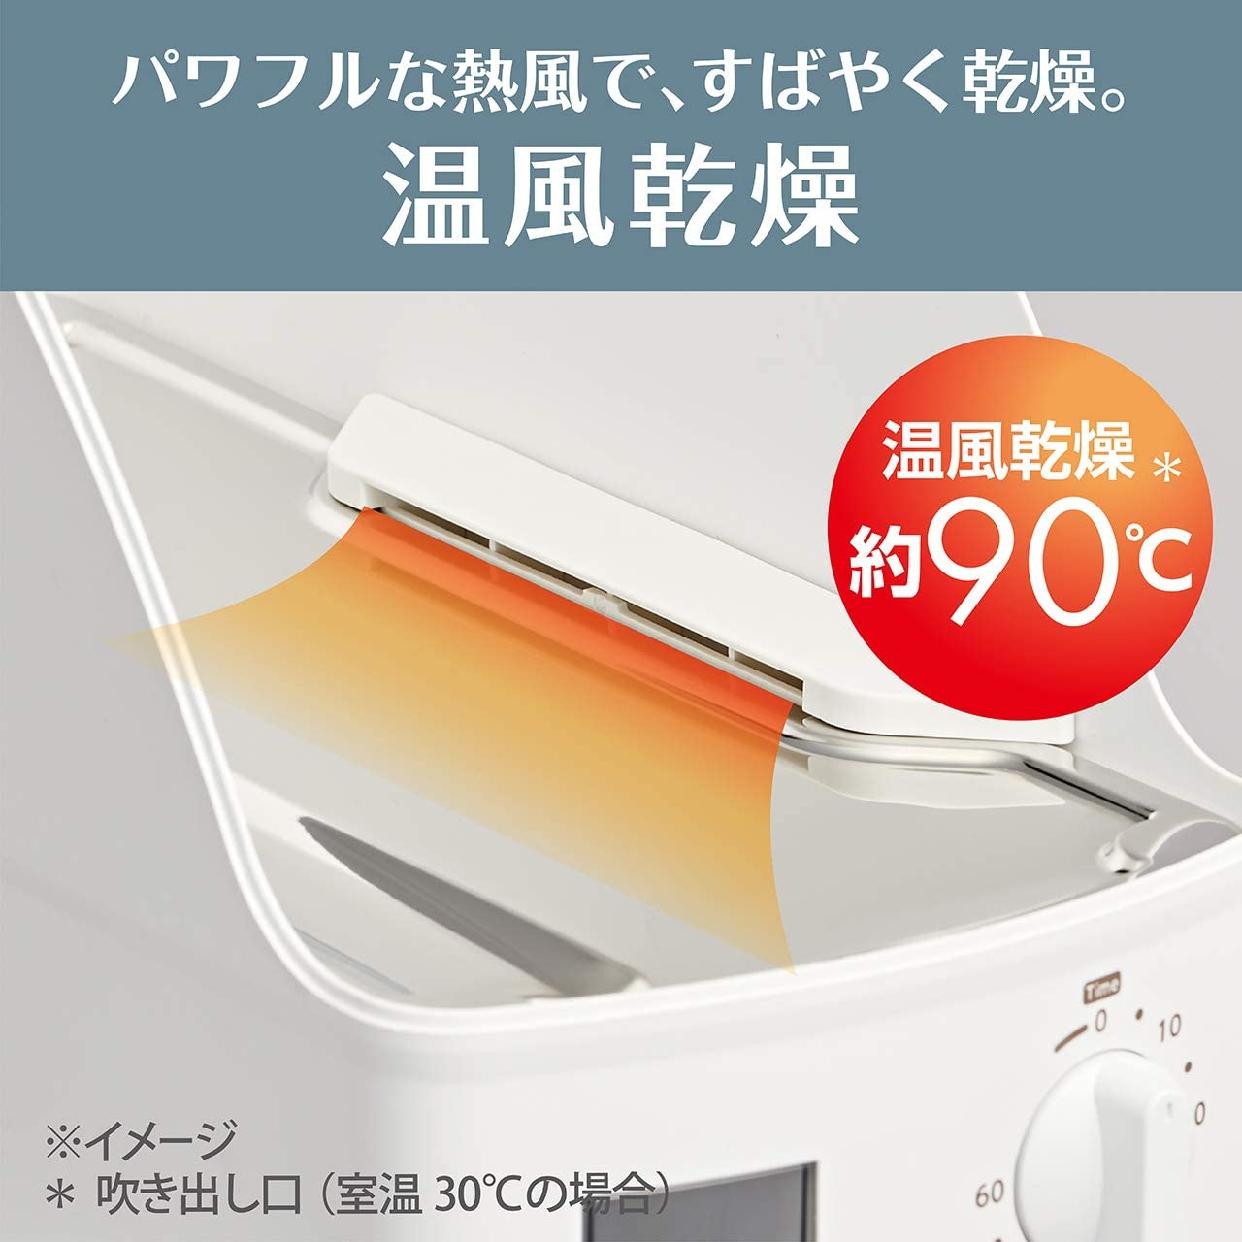 KOIZUMI(コイズミ) 食器乾燥器 KDE-0500の商品画像5